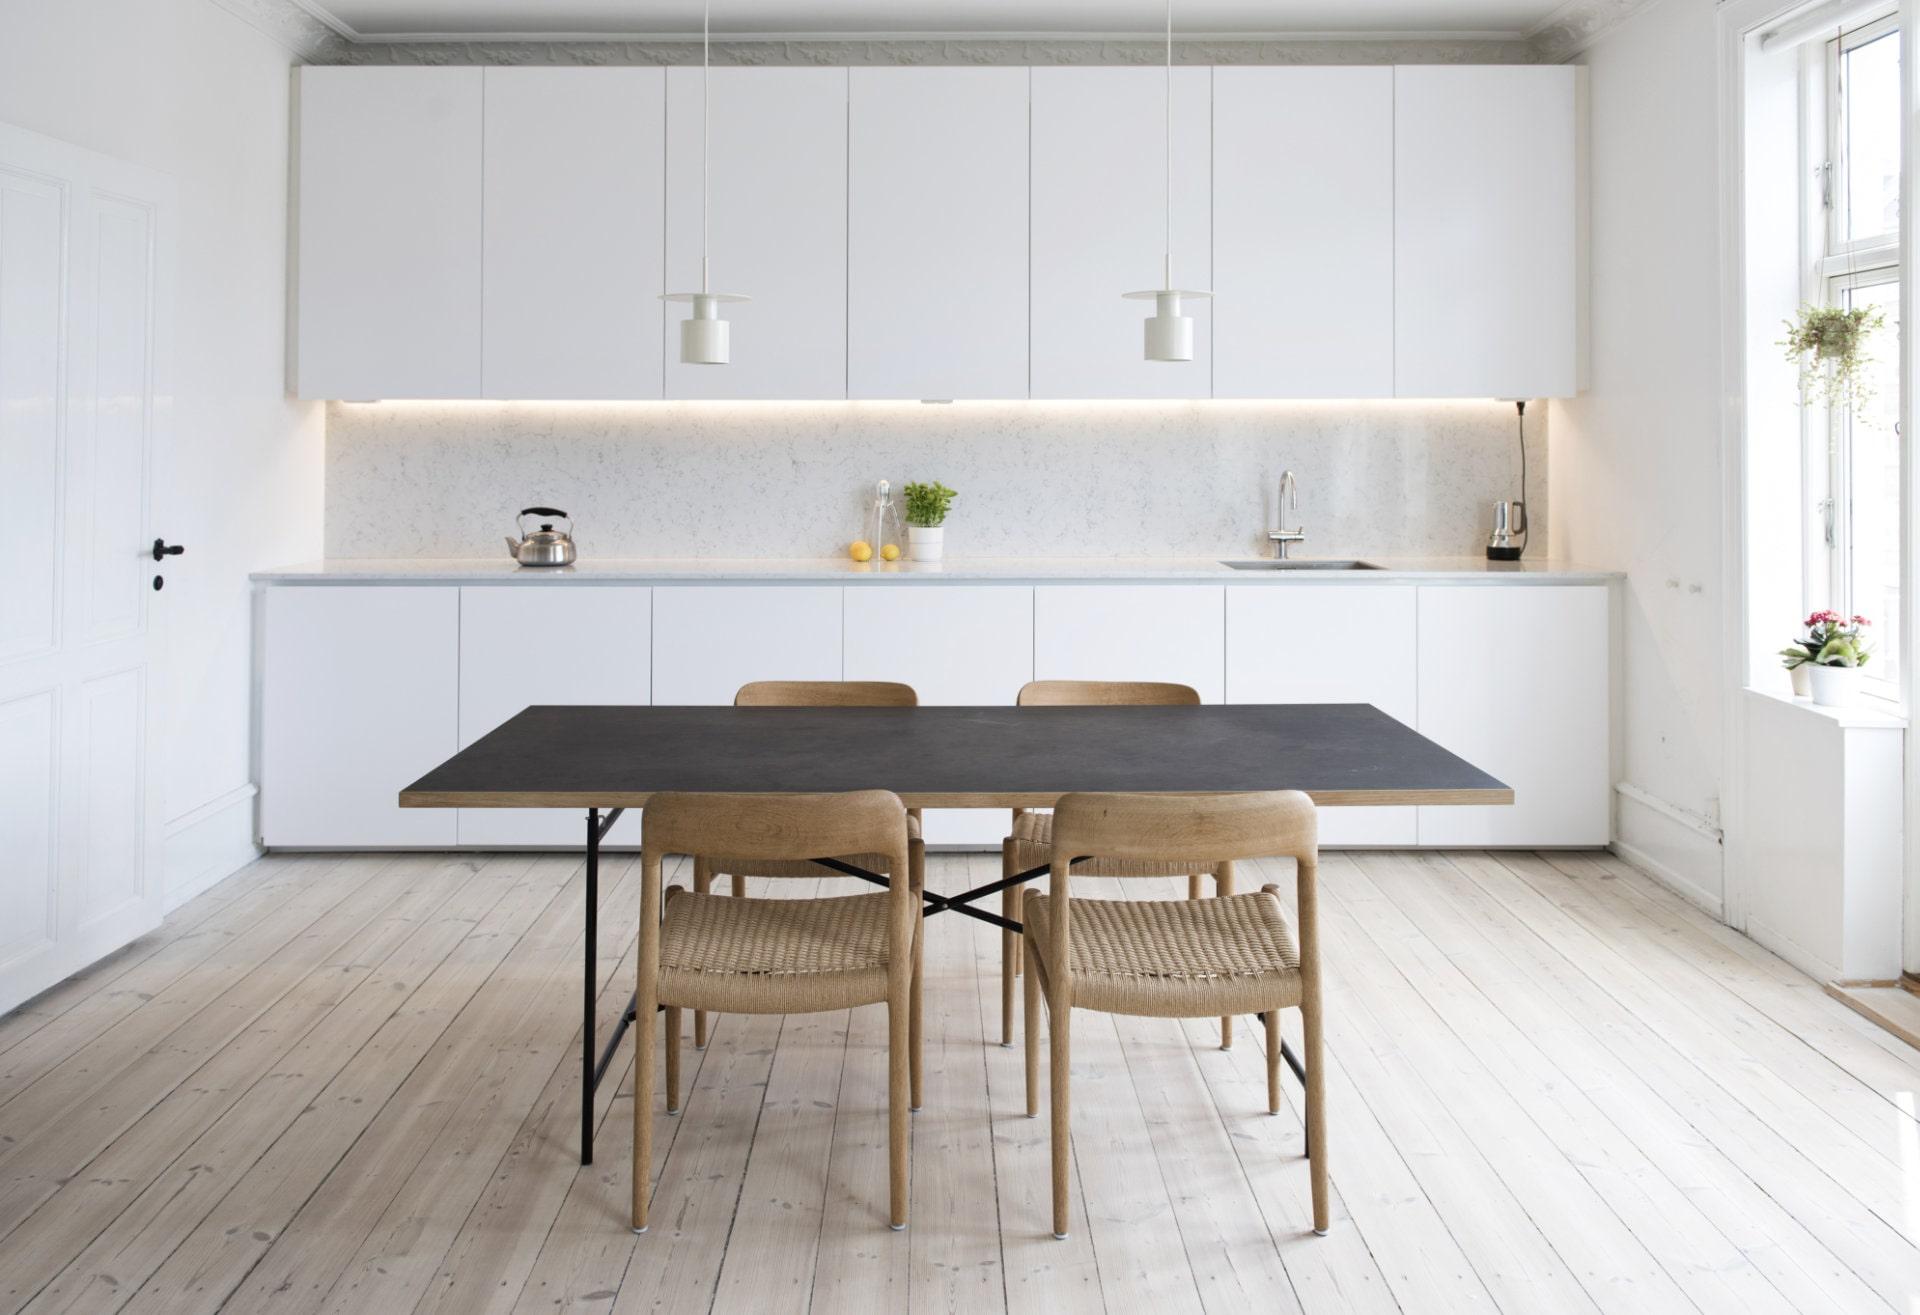 71 hvidt-malet-køkken-METOD